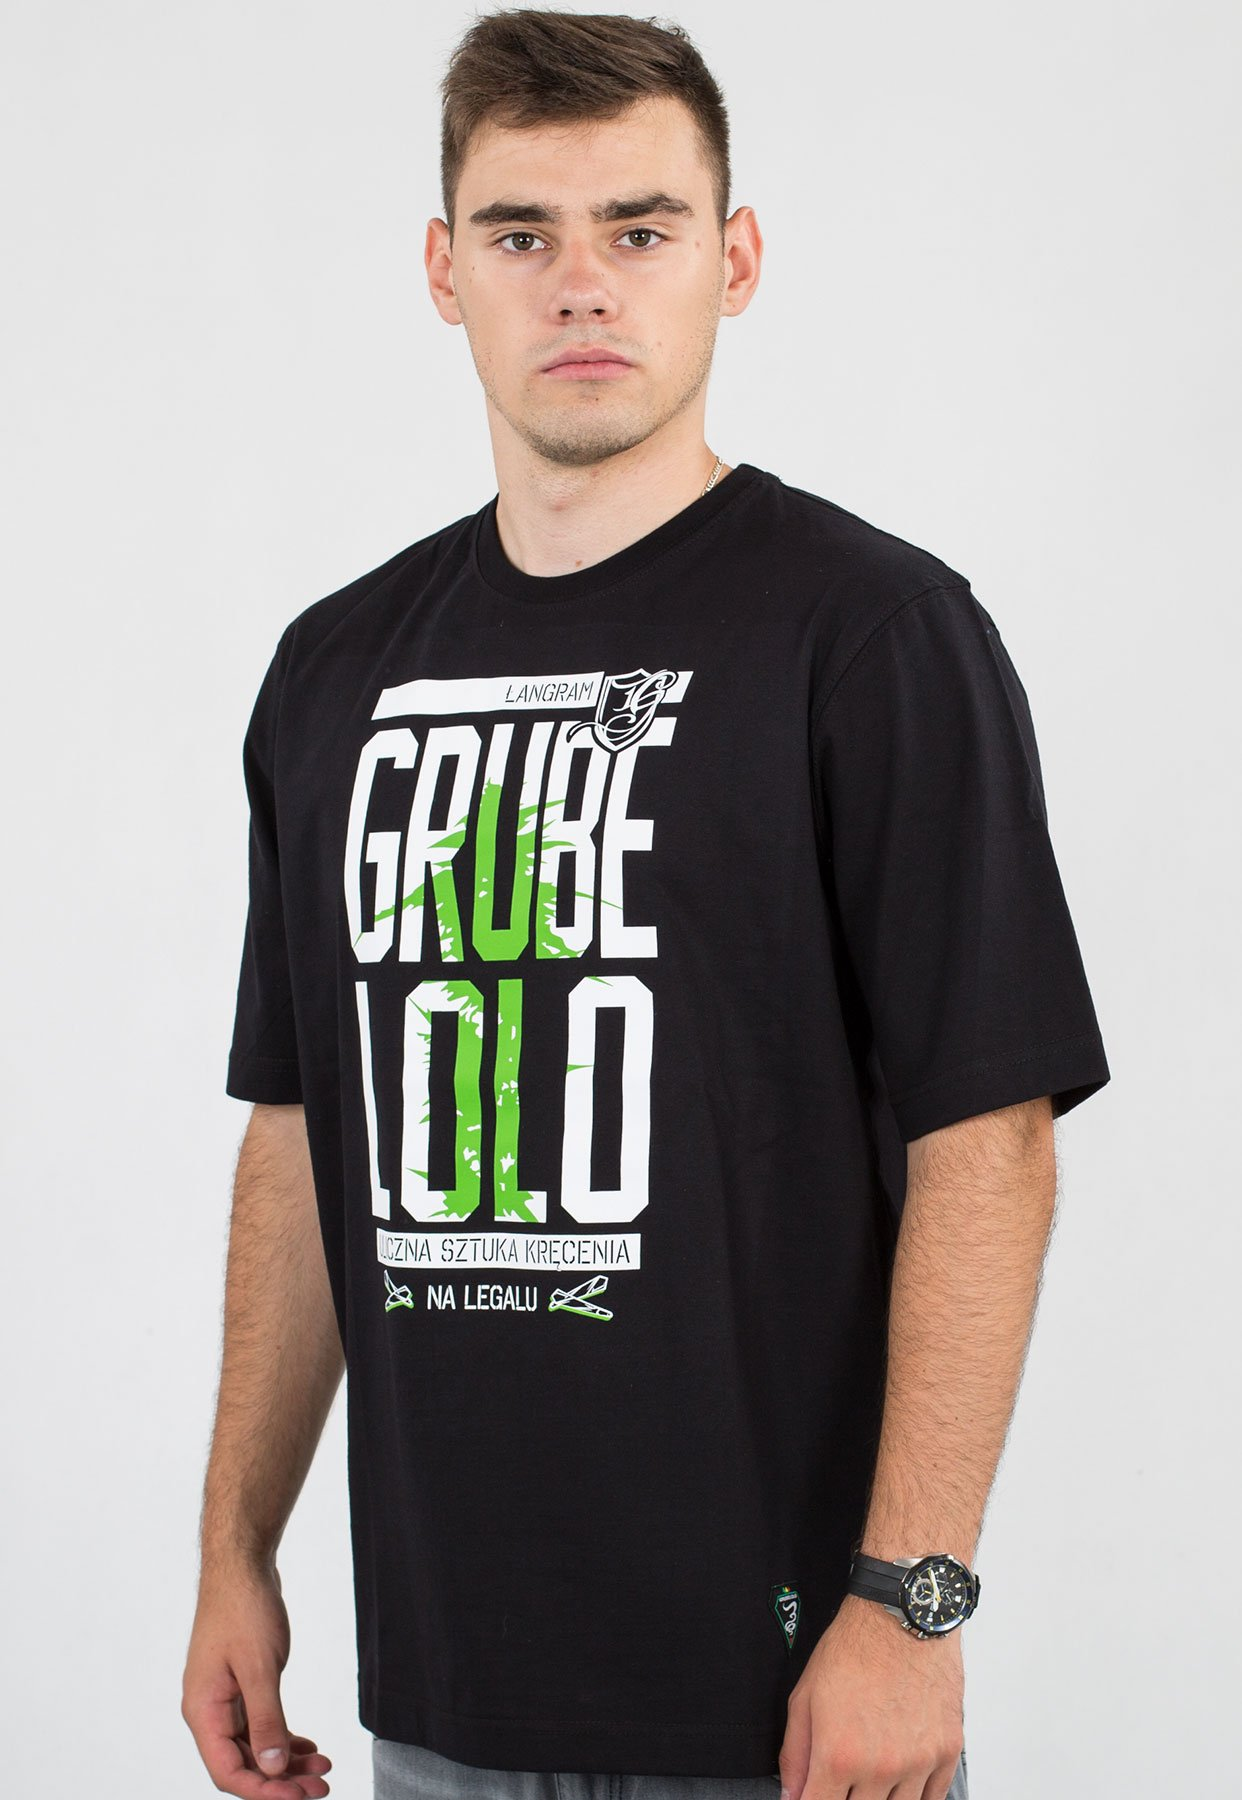 przystępna cena fabrycznie autentyczne nowy wygląd T-shirt Grube Lolo Krzun czarny